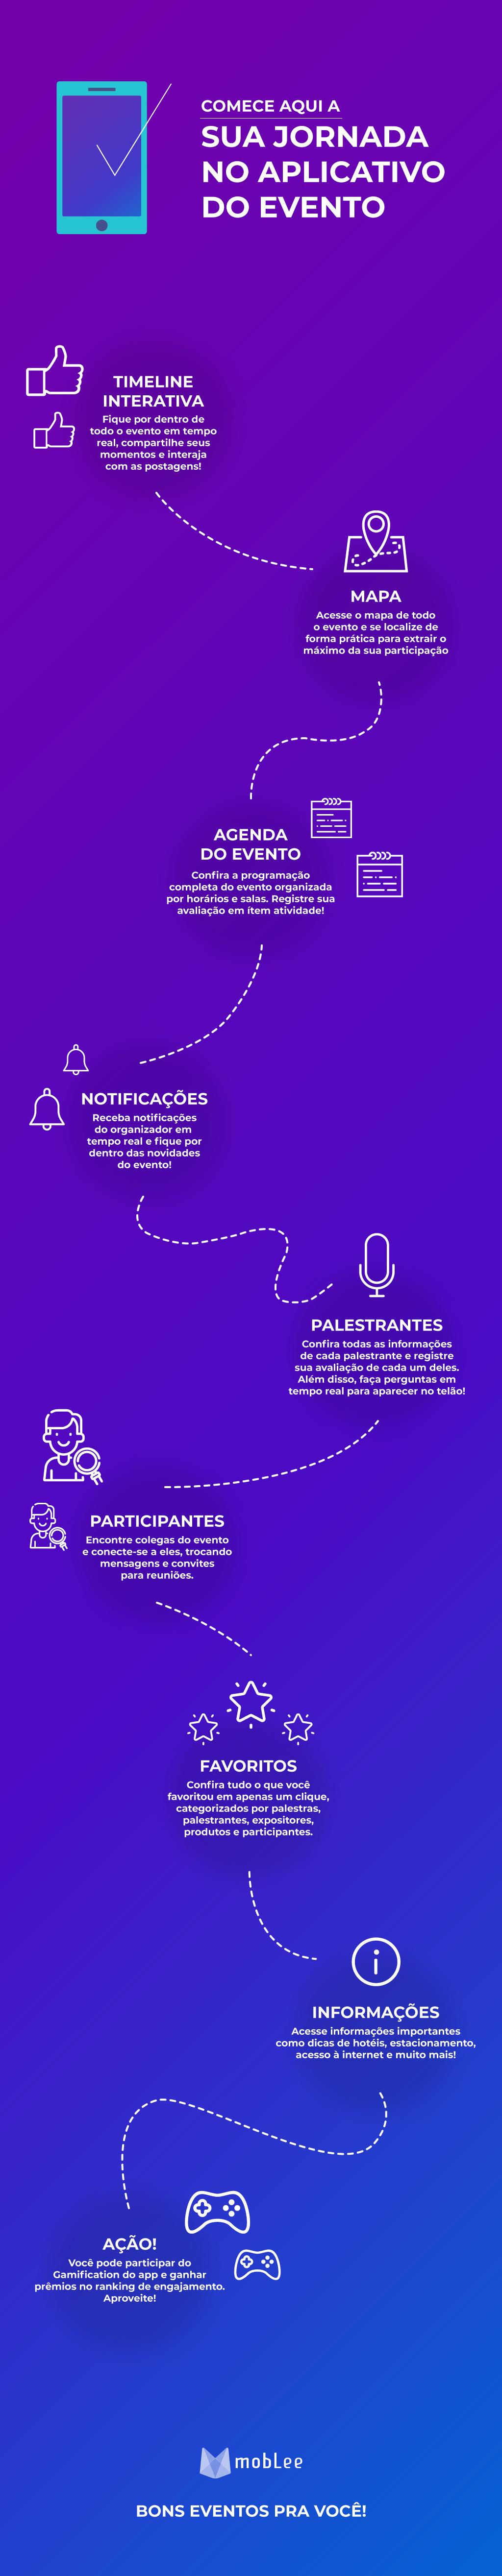 imagem do infográfico da jornada do app